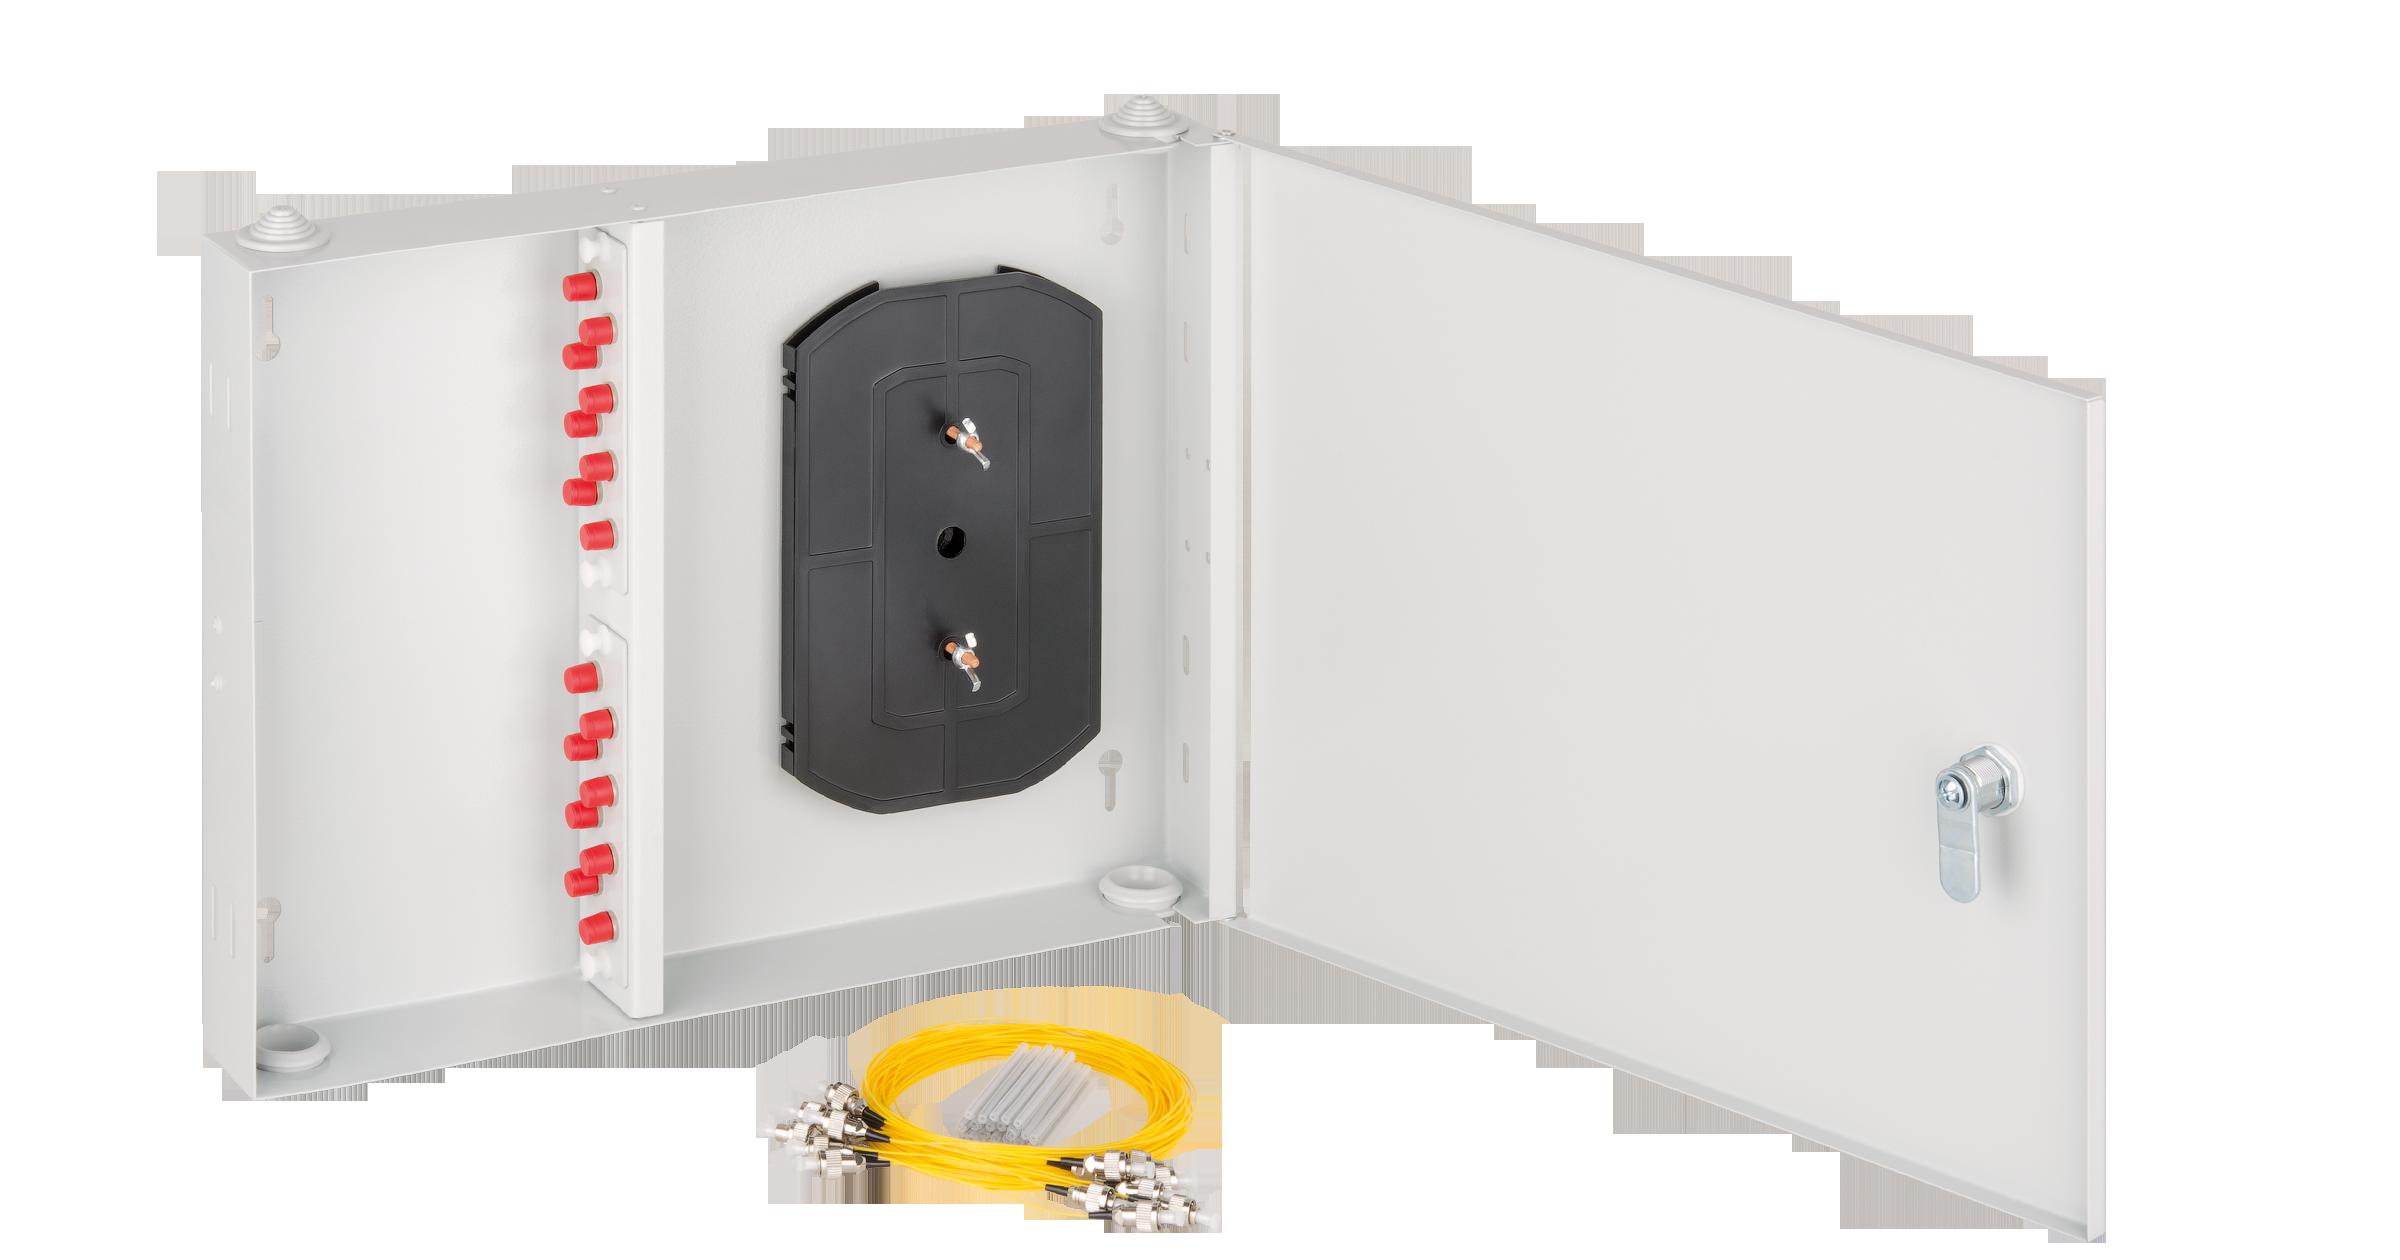 Оптический кросс NIKOMAX настенный, укомплектованный на 16 портов FC/UPC, SM 9/125 OS2, стальной, с ключом, серый, в комплекте: адаптеры, монтажные шнуры 1м, сплайс-кассета с крышкой и КДЗС